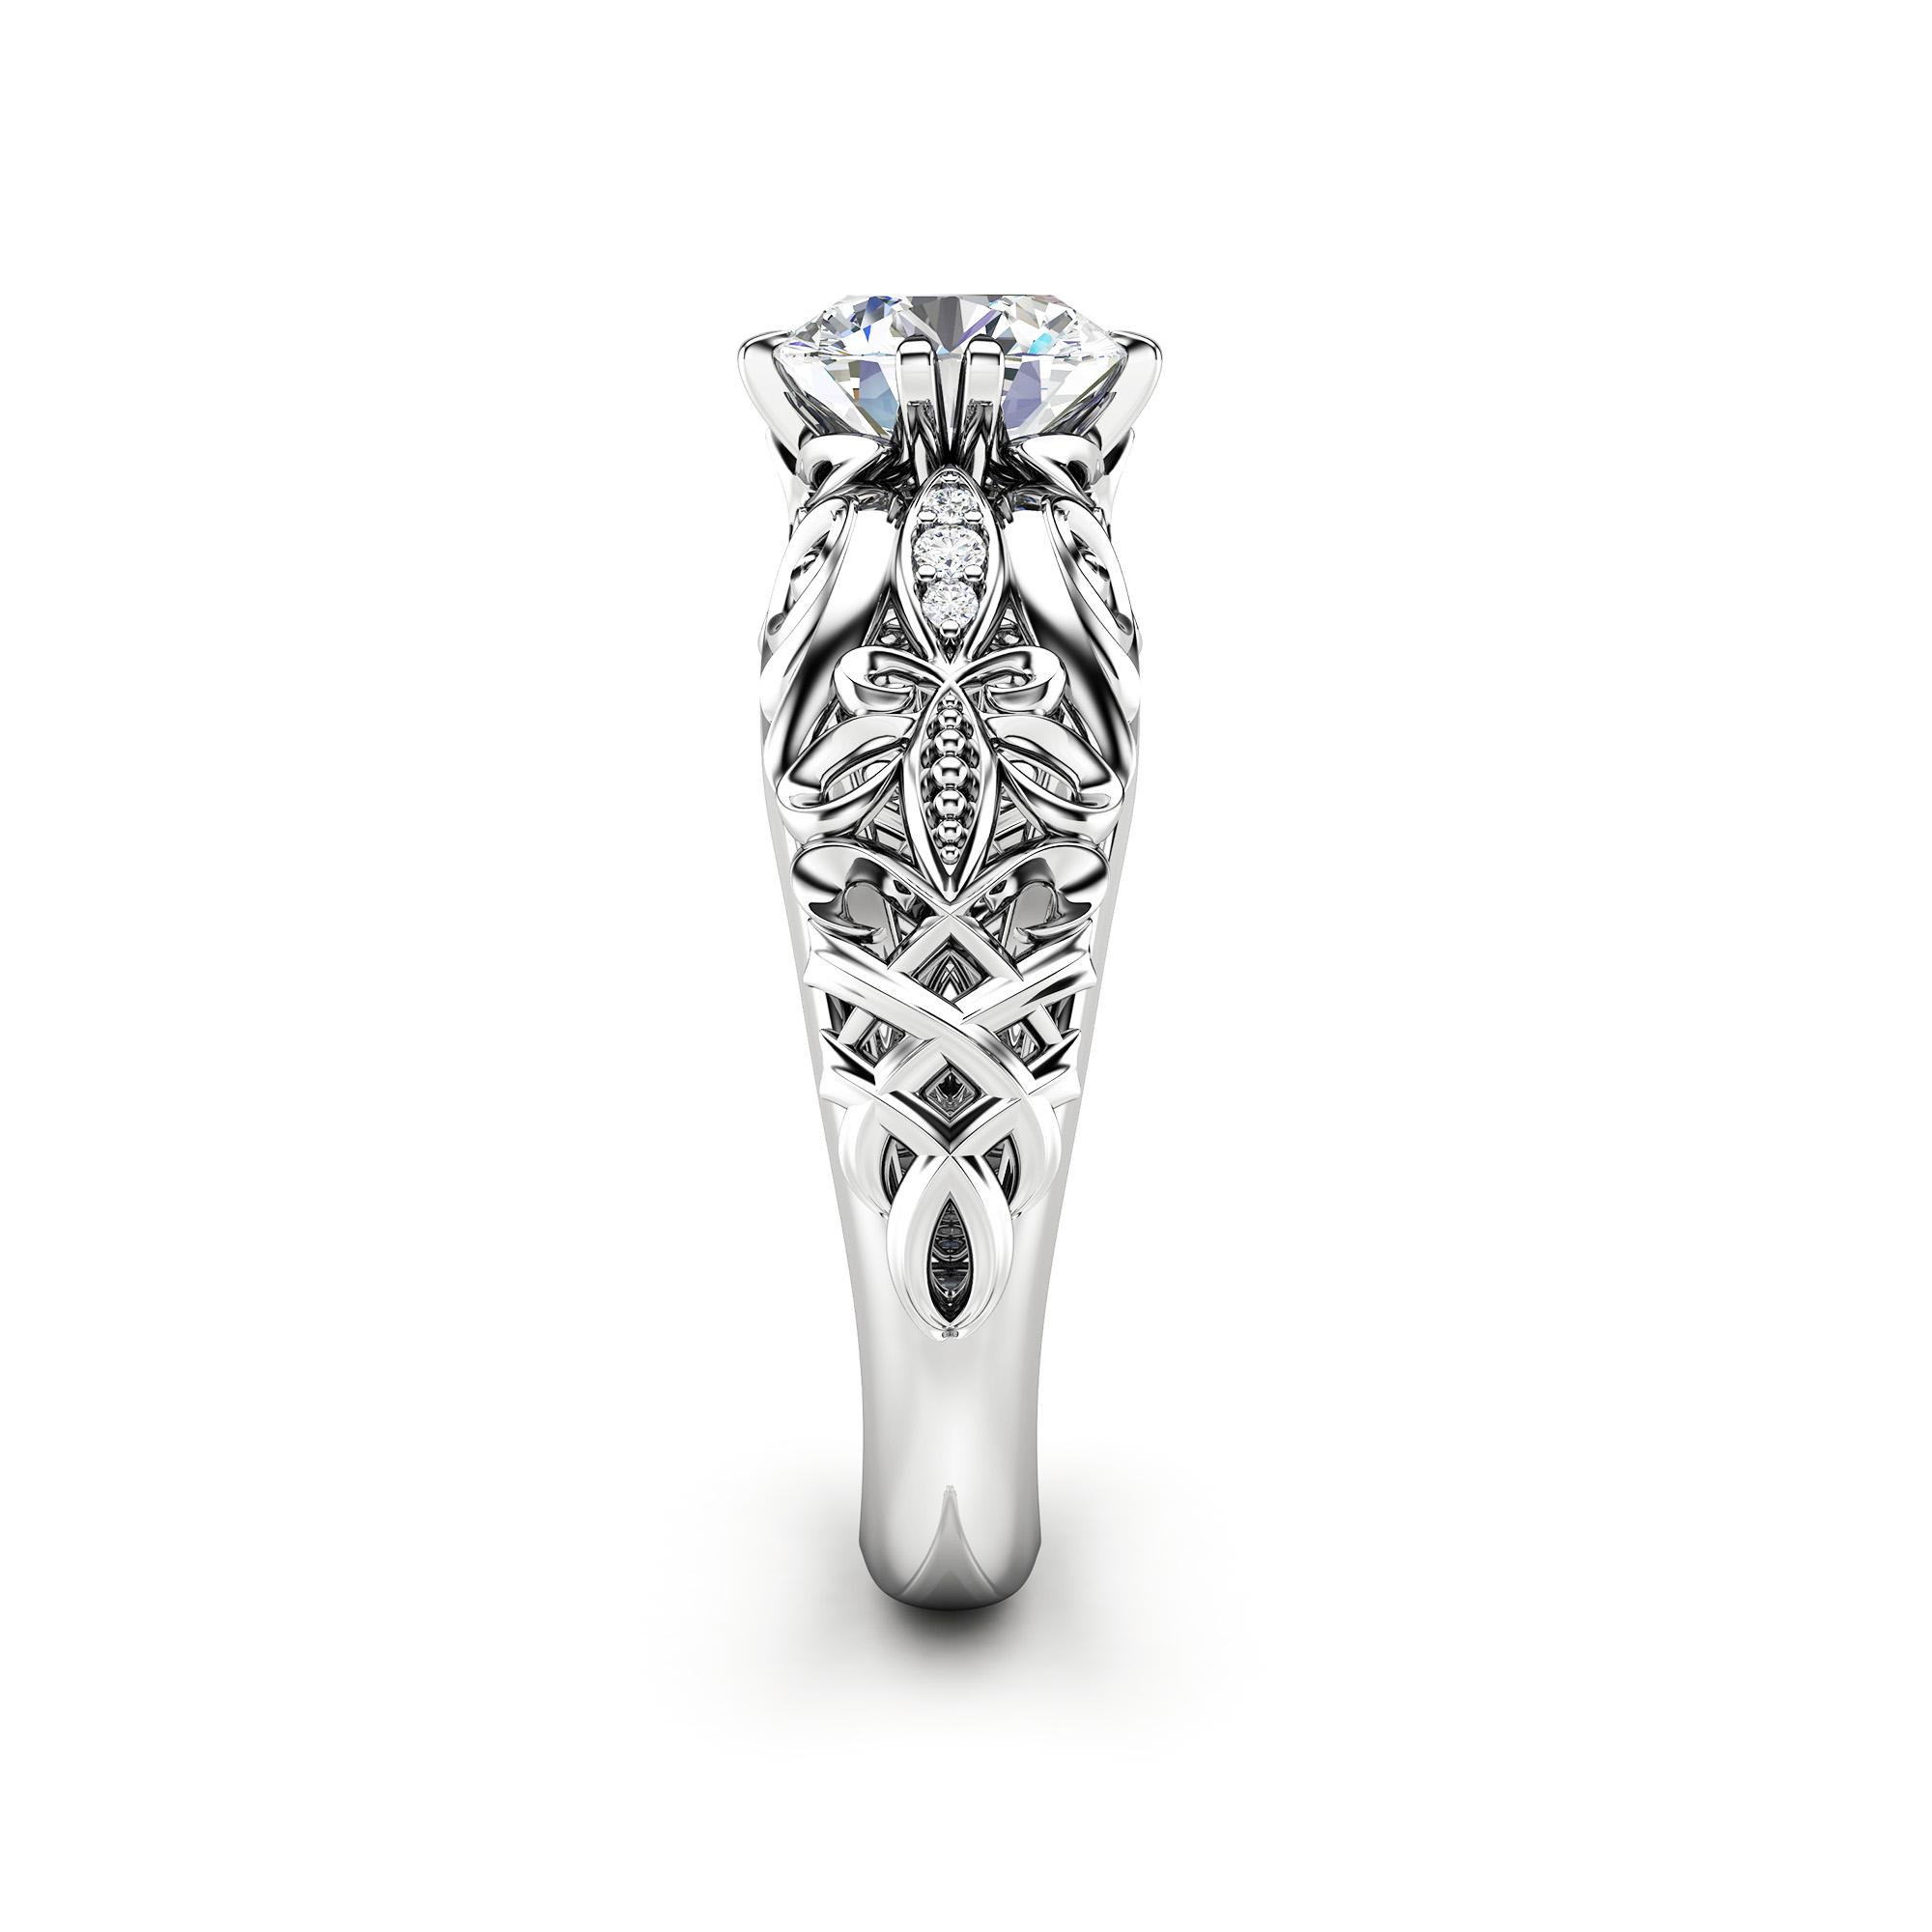 Round Moissanite Ring Moissanite Alternative Engagement Ring 14K White Gold Ring Round Shape